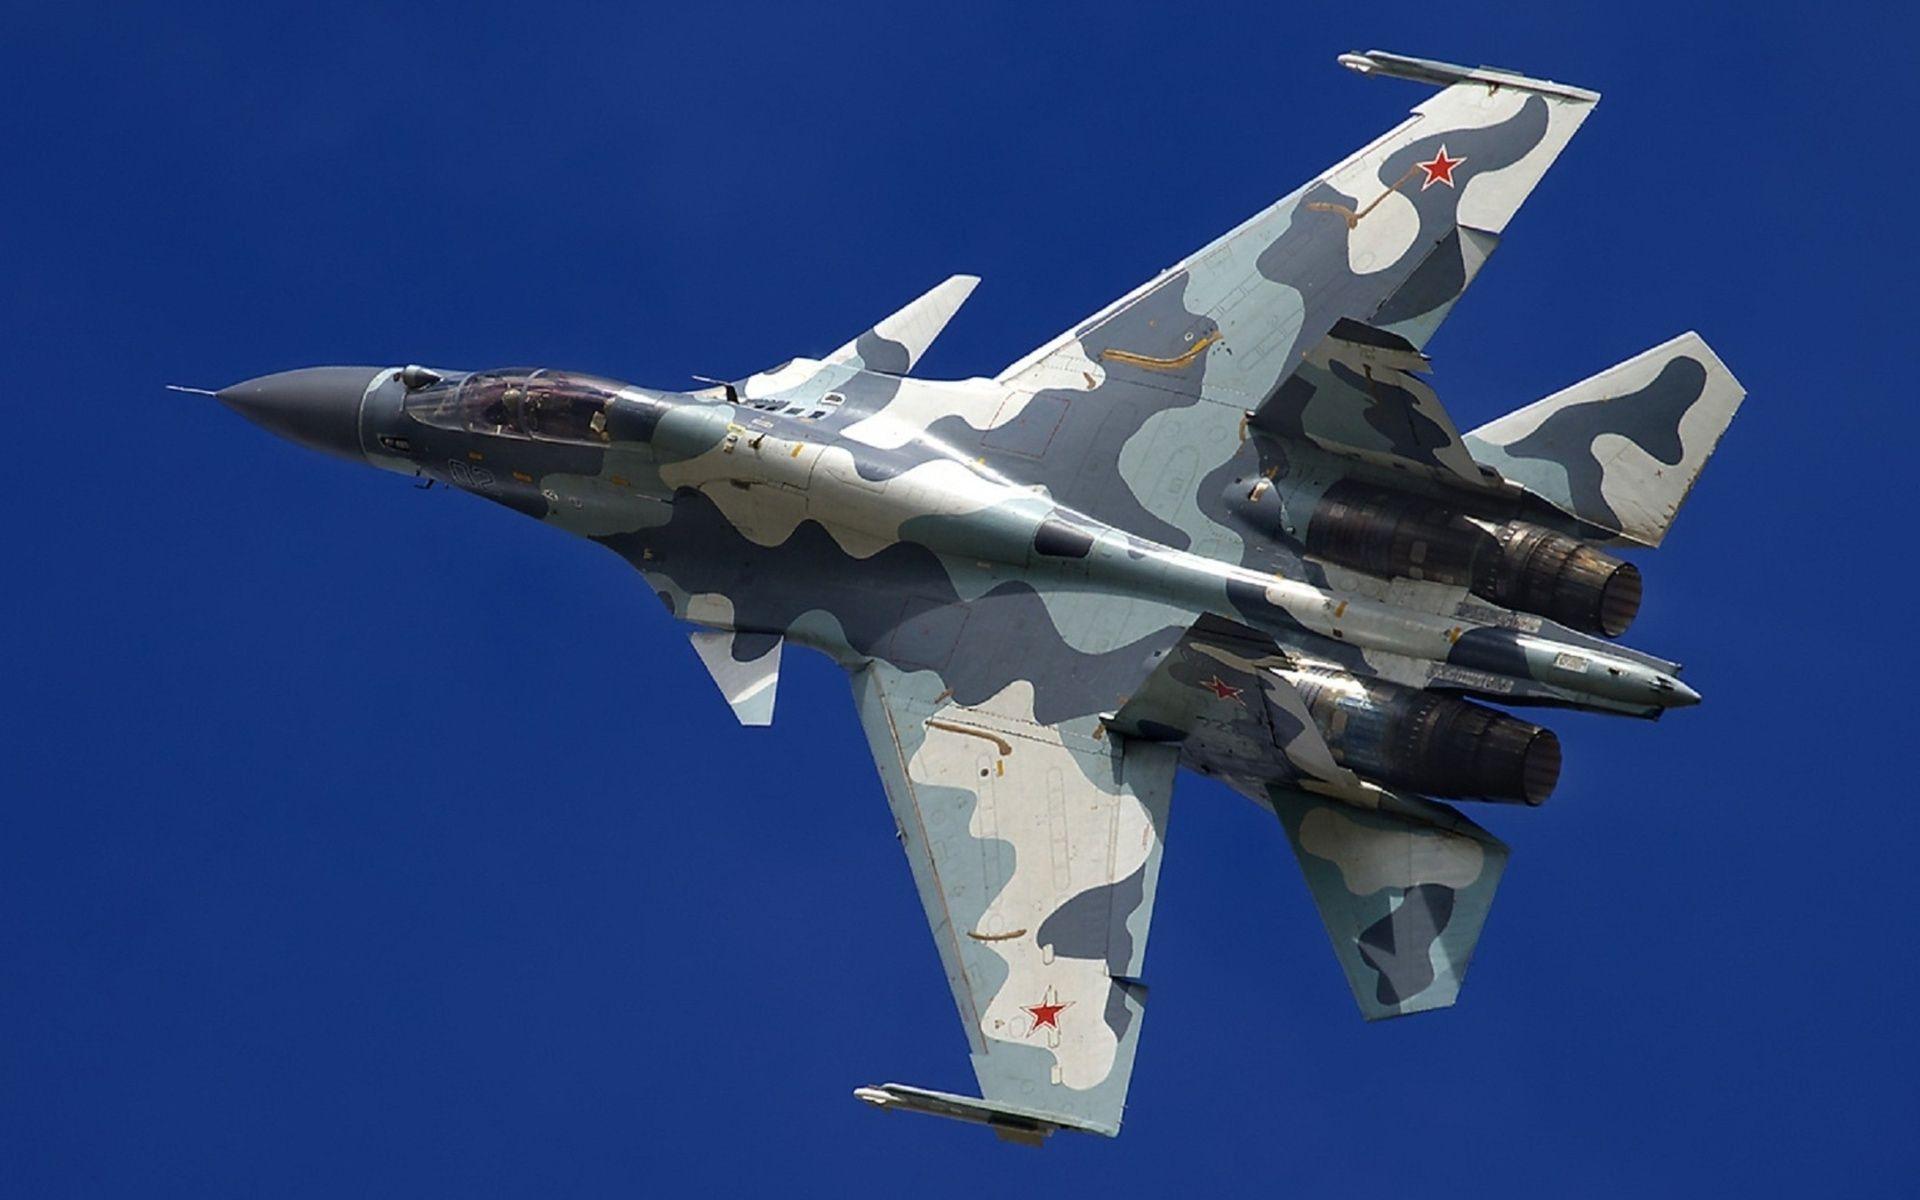 Обои су-30, flanker, самолеты, раздел Авиация - скачать бесплатно на рабочий стол